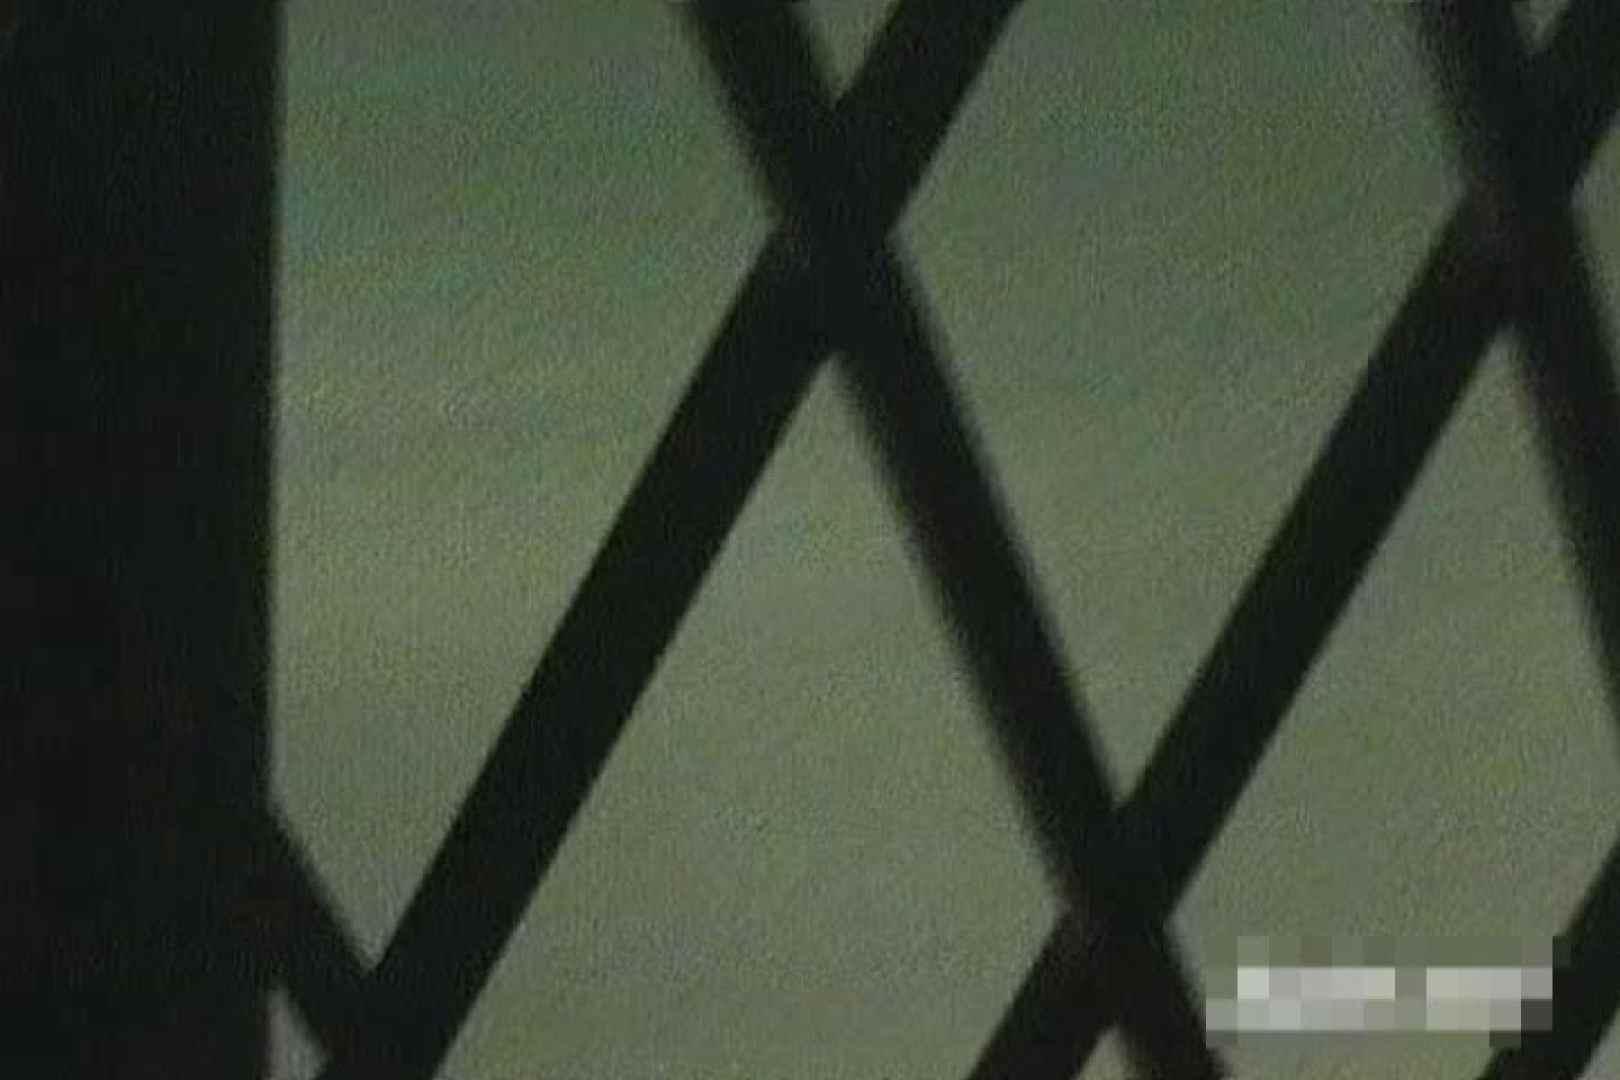 激撮ストーカー記録あなたのお宅拝見しますVol.4 反撃の悪戯  35pic 14